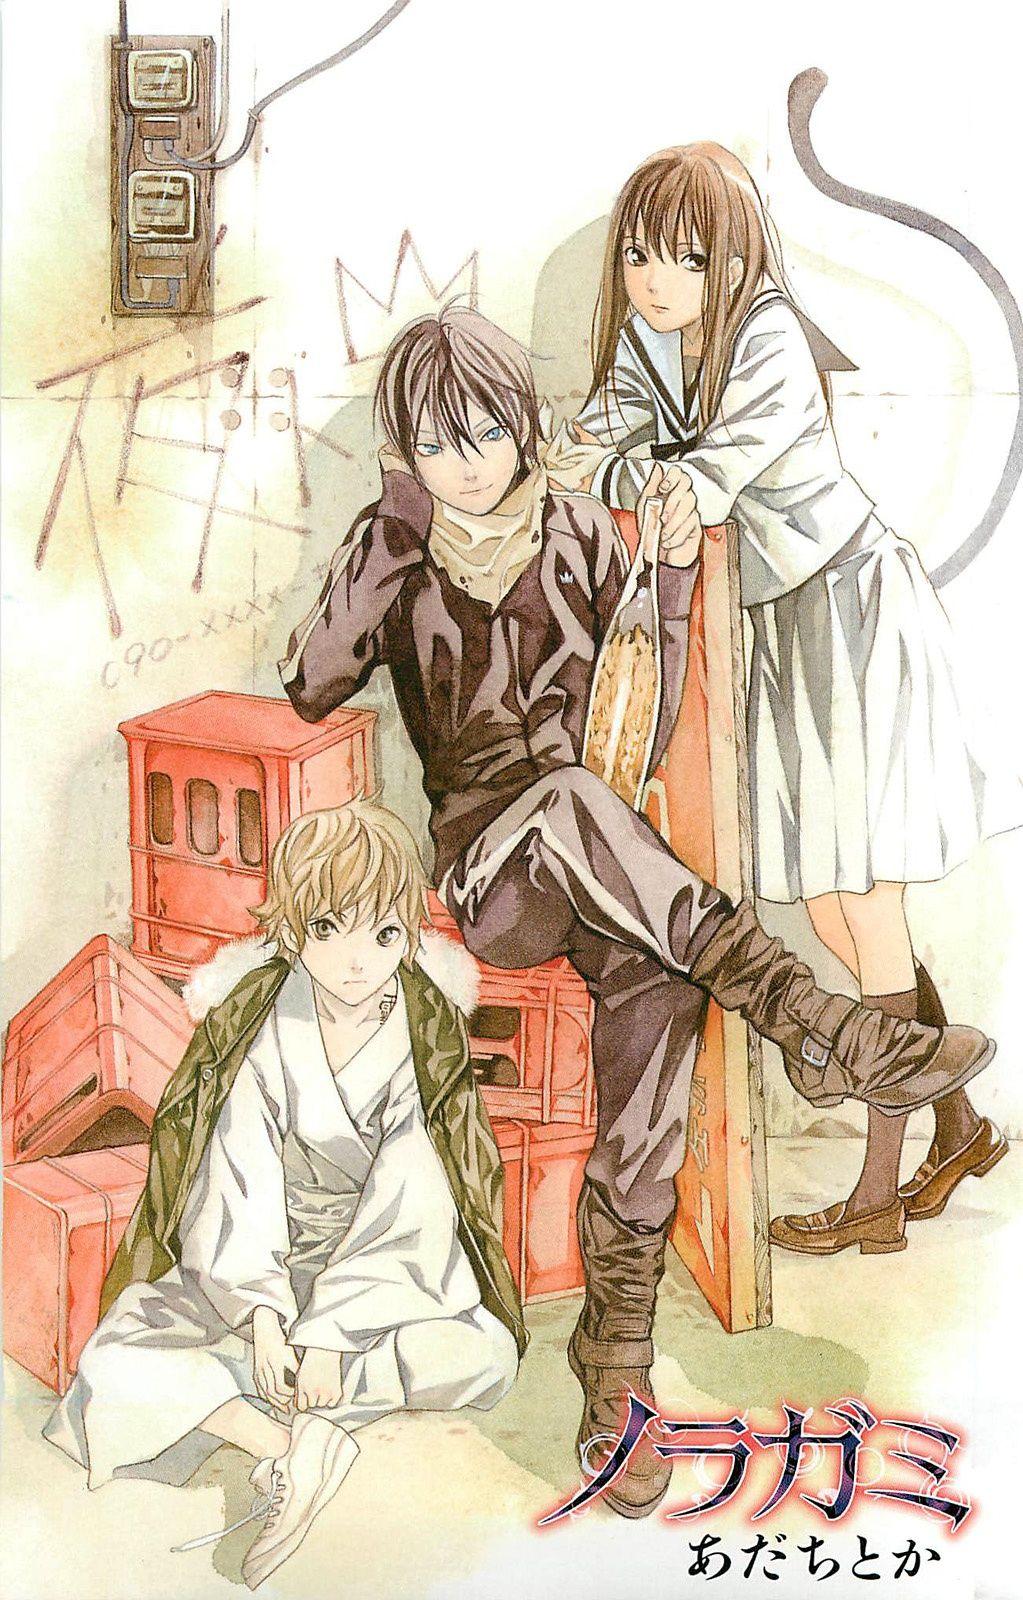 Images de Noragami Anime noragami, Anime mangas, Noragami